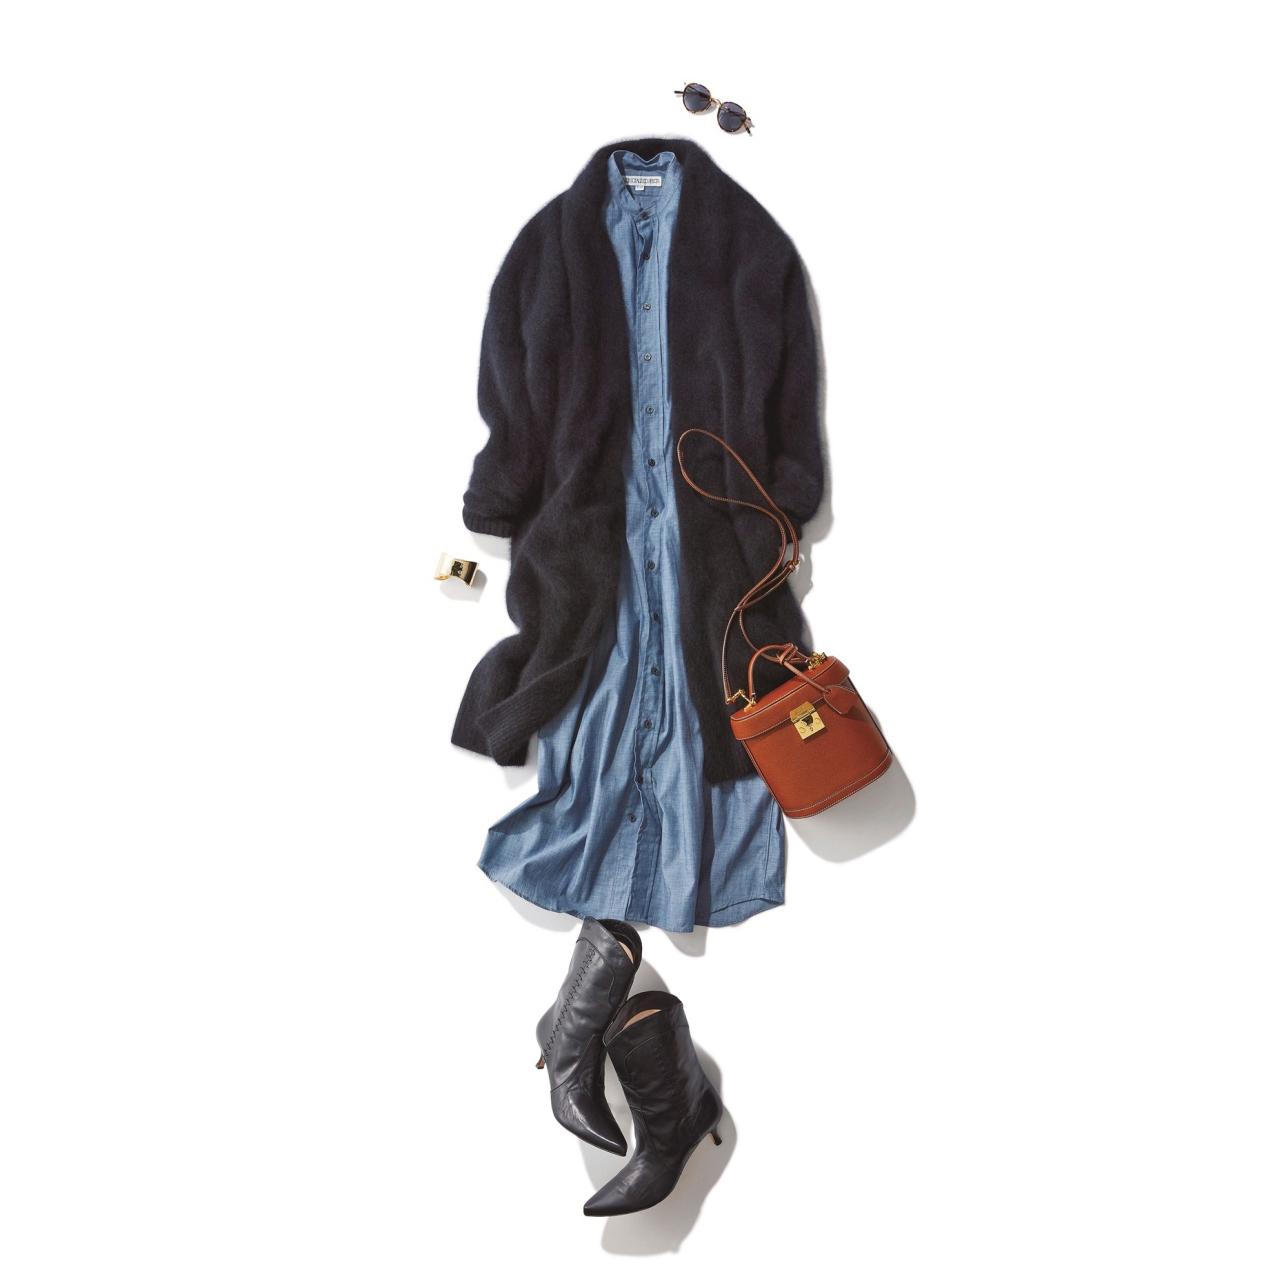 2018年秋冬 人気ファッションコーデランキング4位